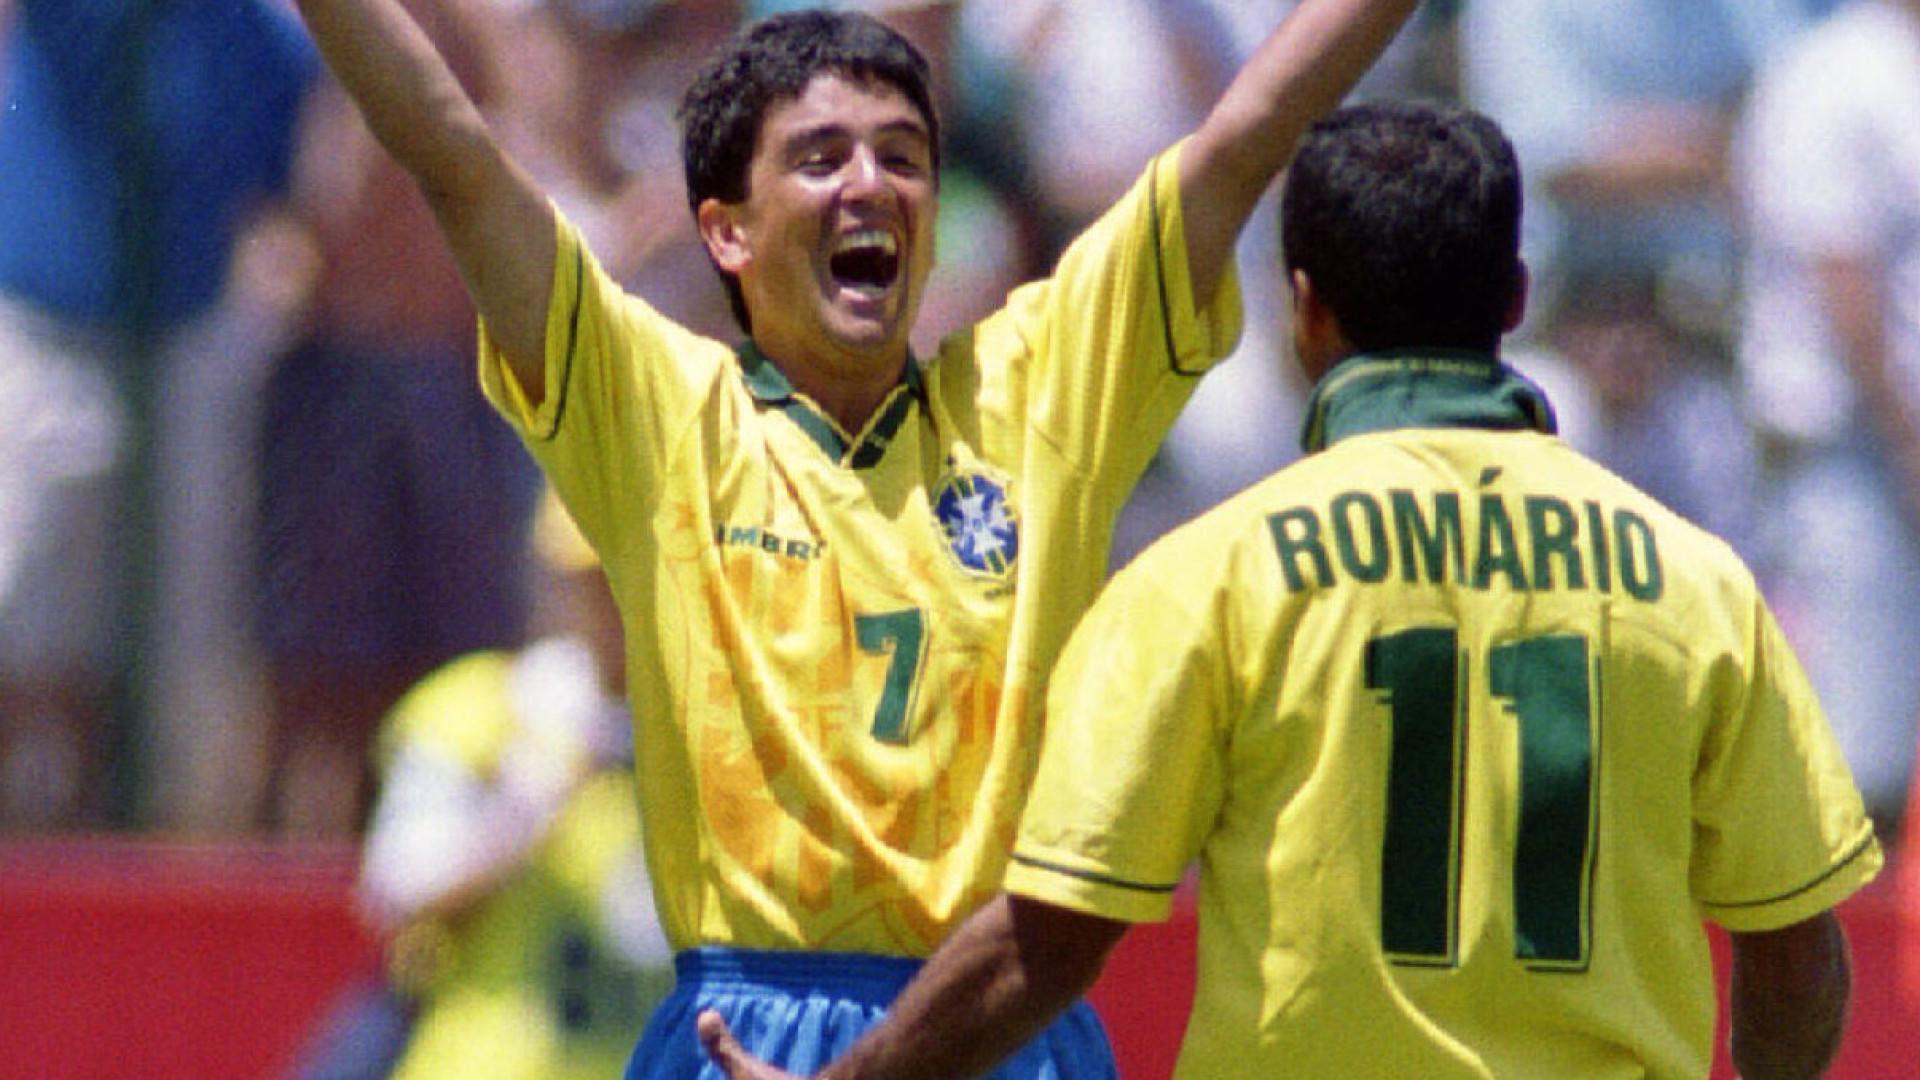 Comentarista diz que Romário ganhou Copa de 94 sozinho e irrita Bebeto